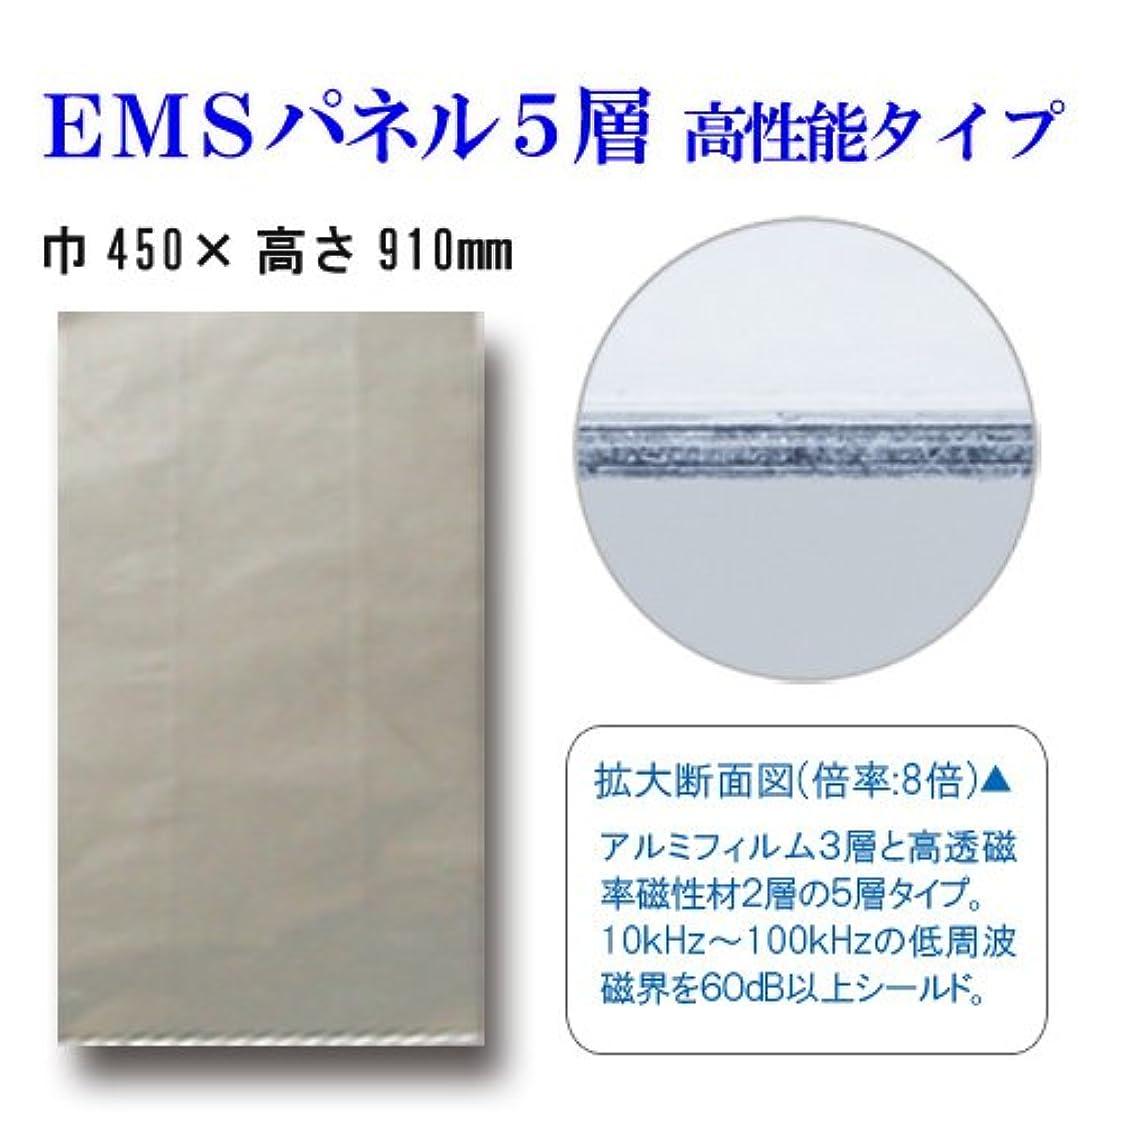 申込みナース喉頭EMSパネル5層-高性能タイプ(低周波磁界対策)450×910mm